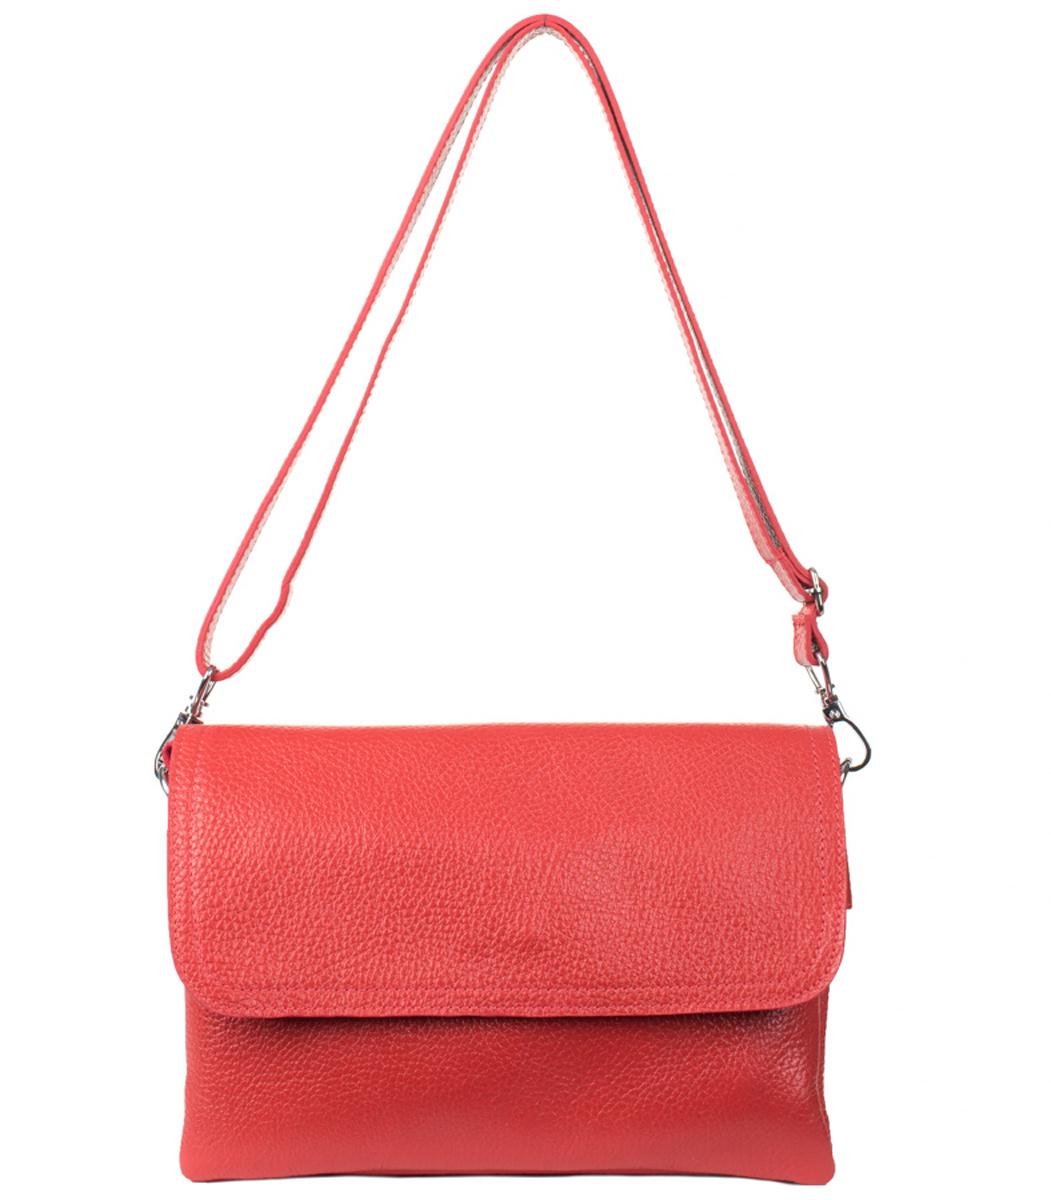 c37e53ce802b Клатч женский Fabio Bruno, цвет: красный. R-006 — купить в  интернет-магазине OZON.ru с быстрой доставкой